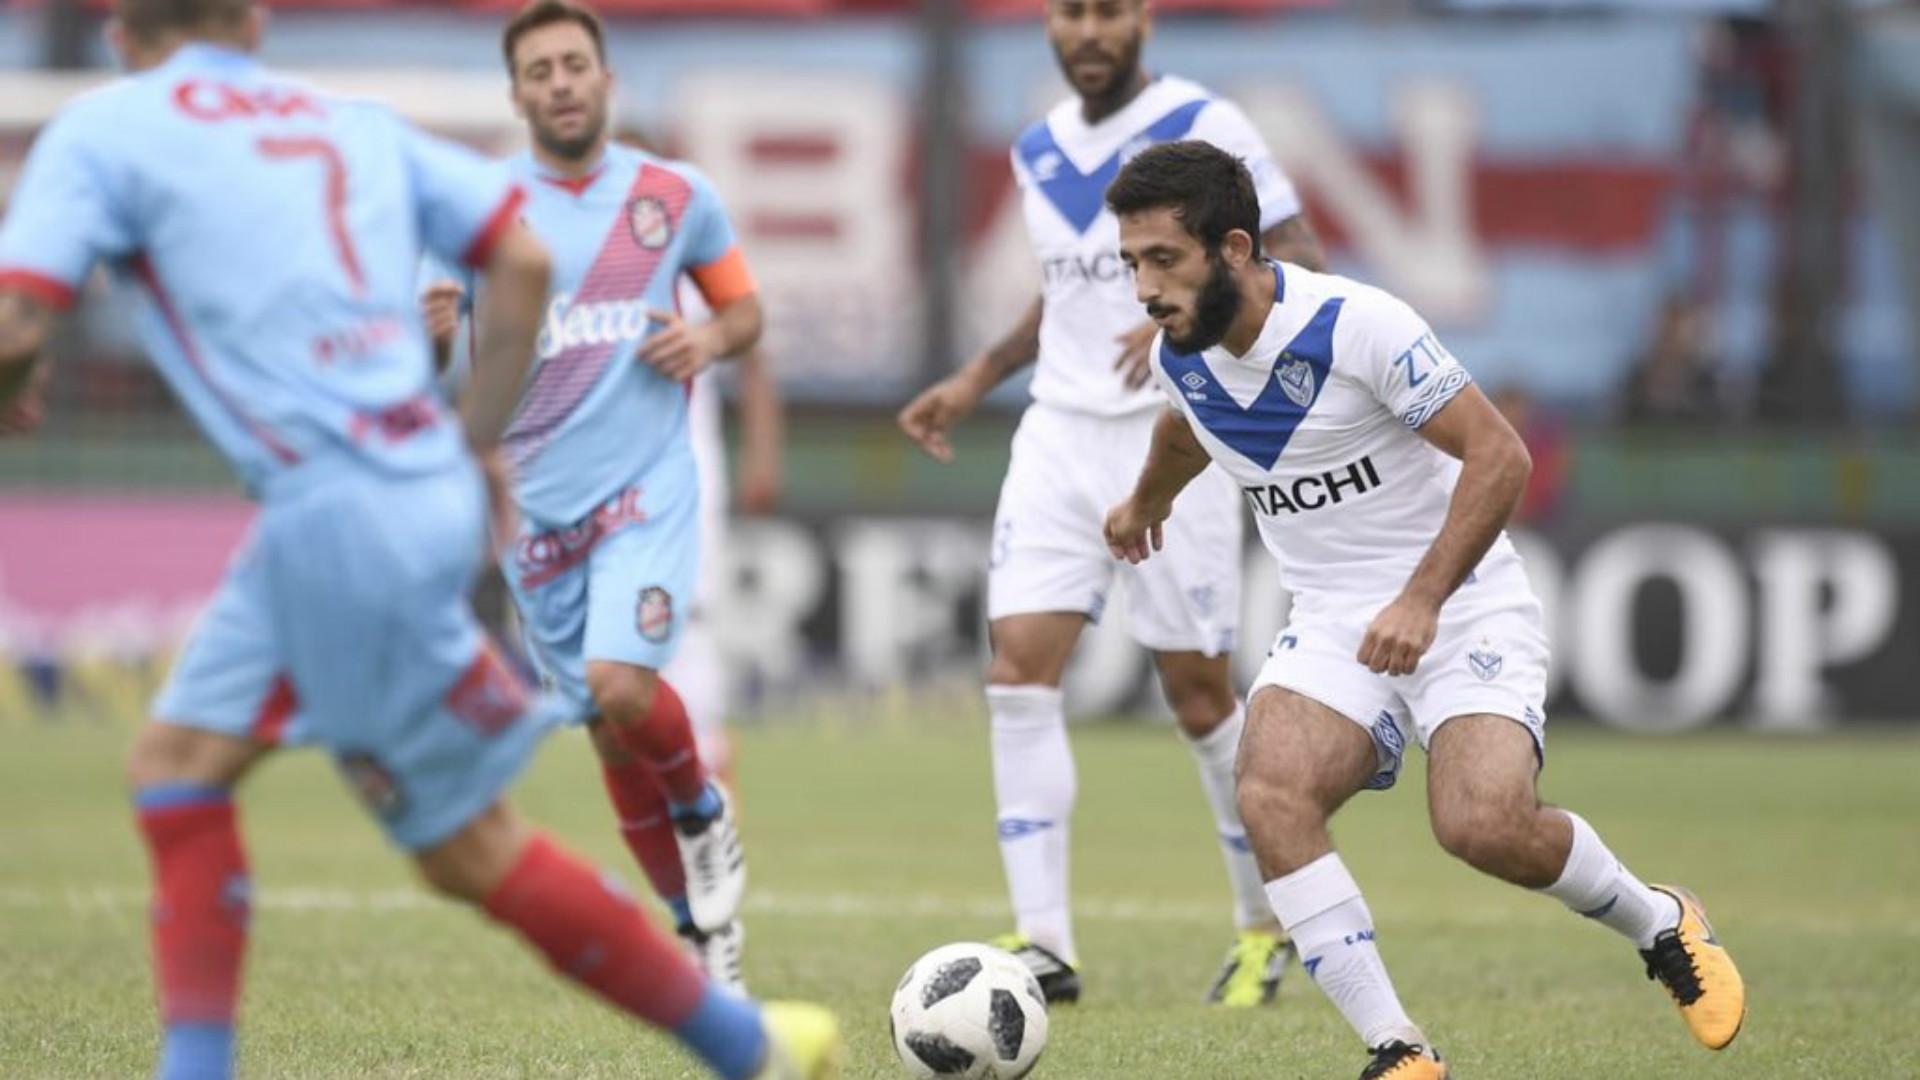 Matias Vargas Arsenal Velez Superliga Argentina 18032018